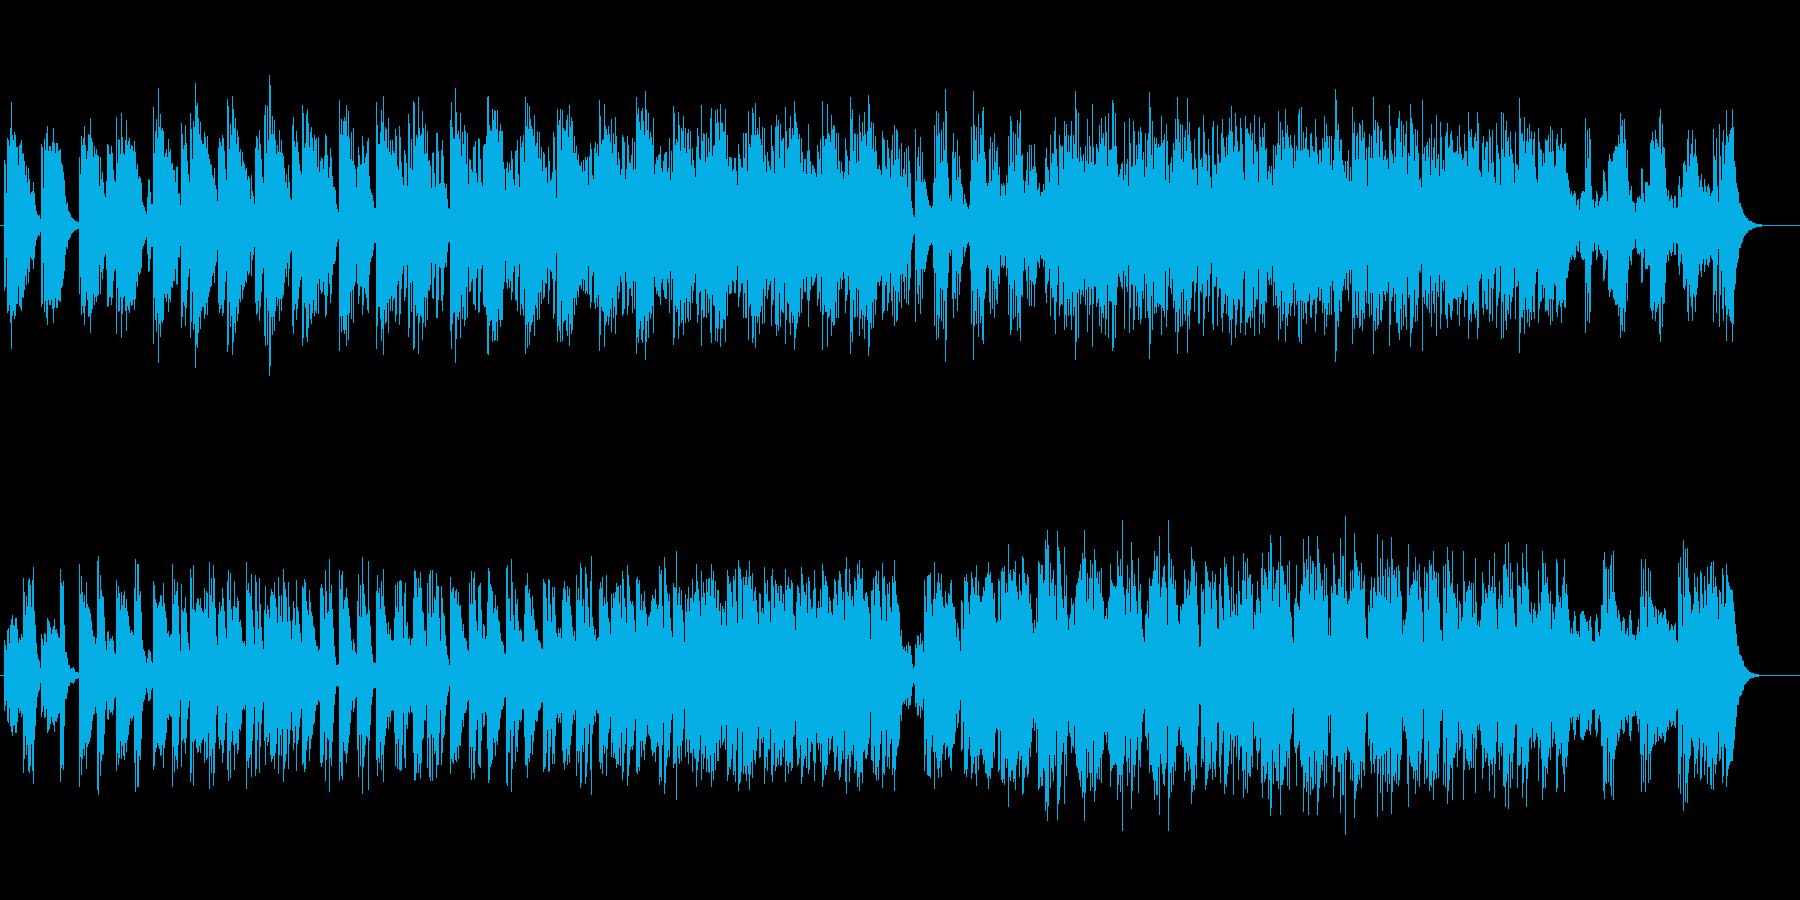 4手の鍵盤打楽器によるミニマルの再生済みの波形